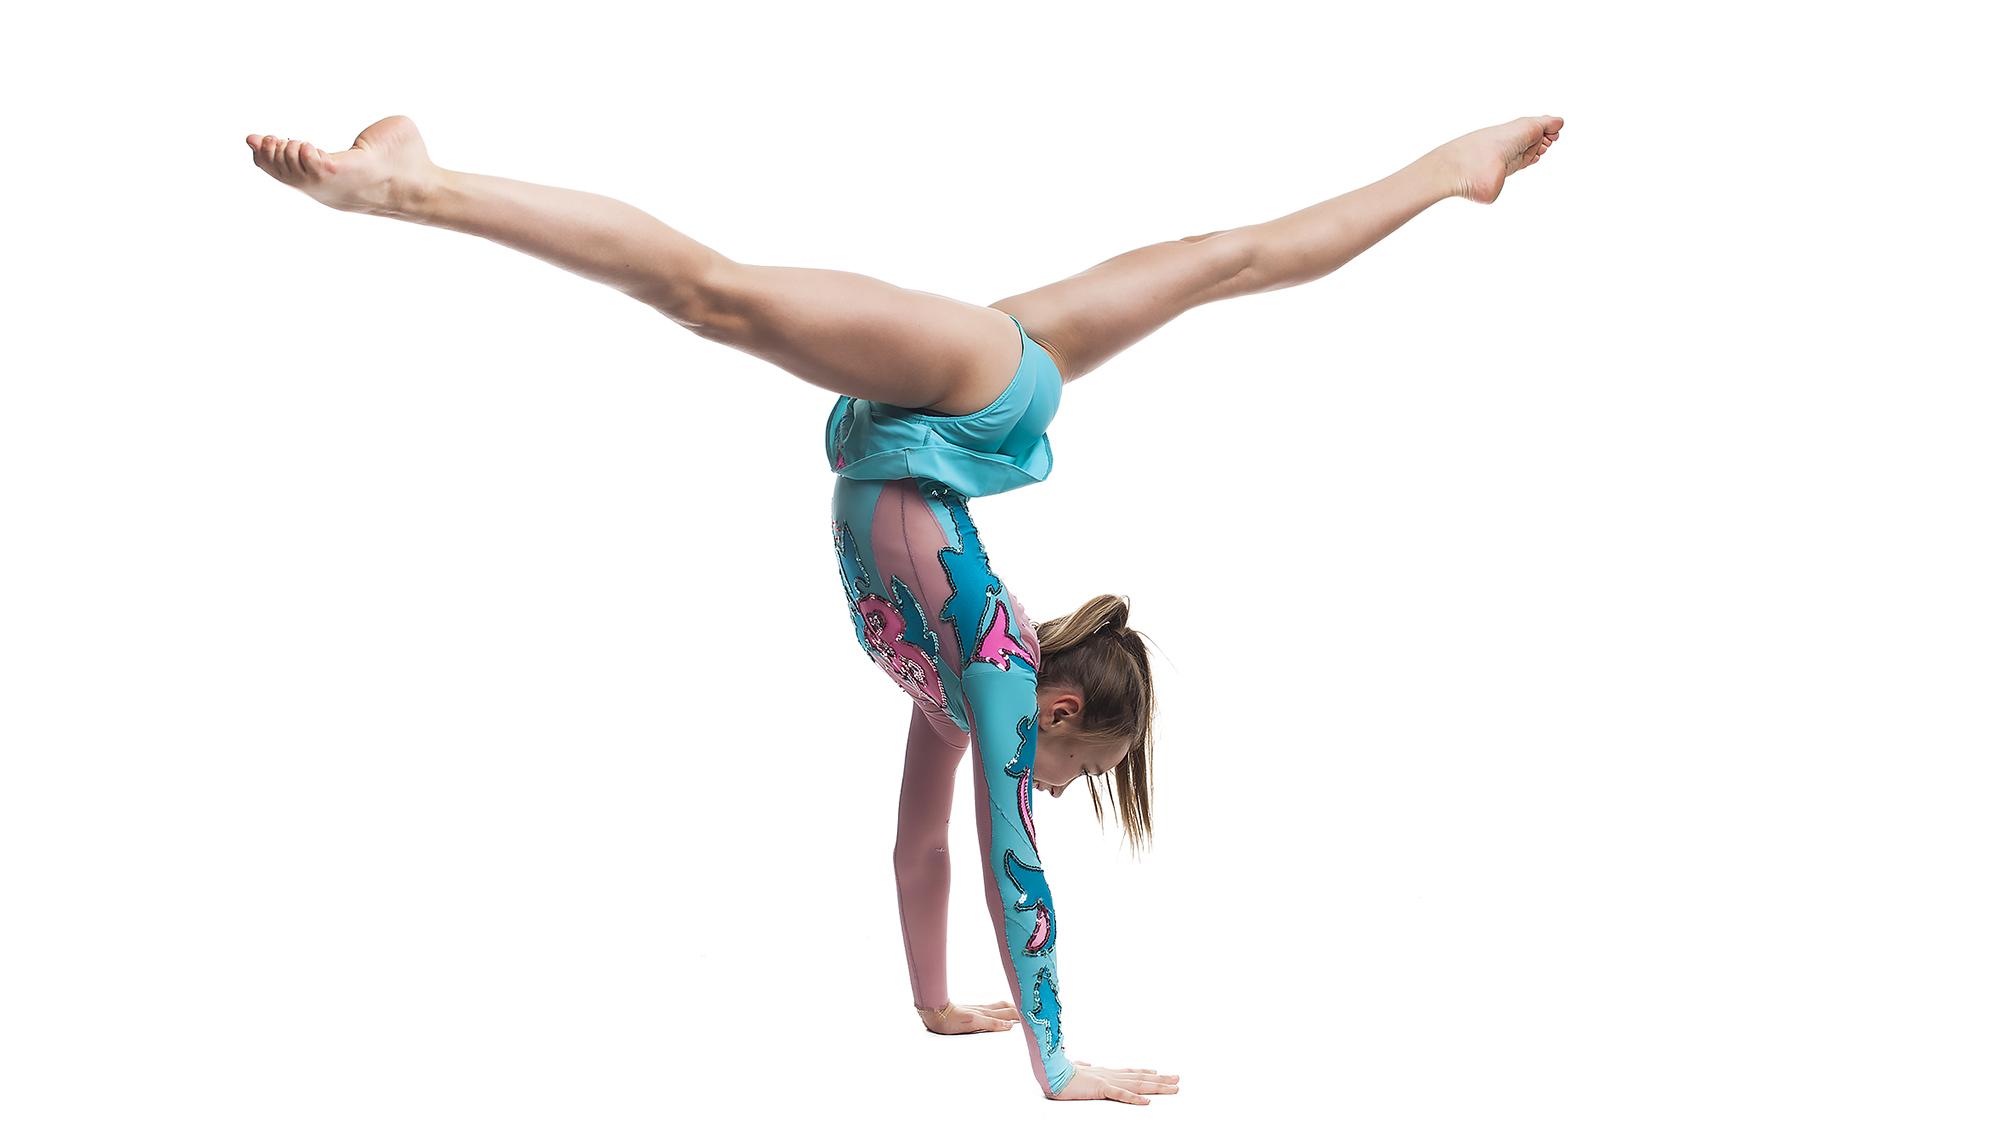 Leas gymnastik - Anmälan till gymnastikgrupper kan se här